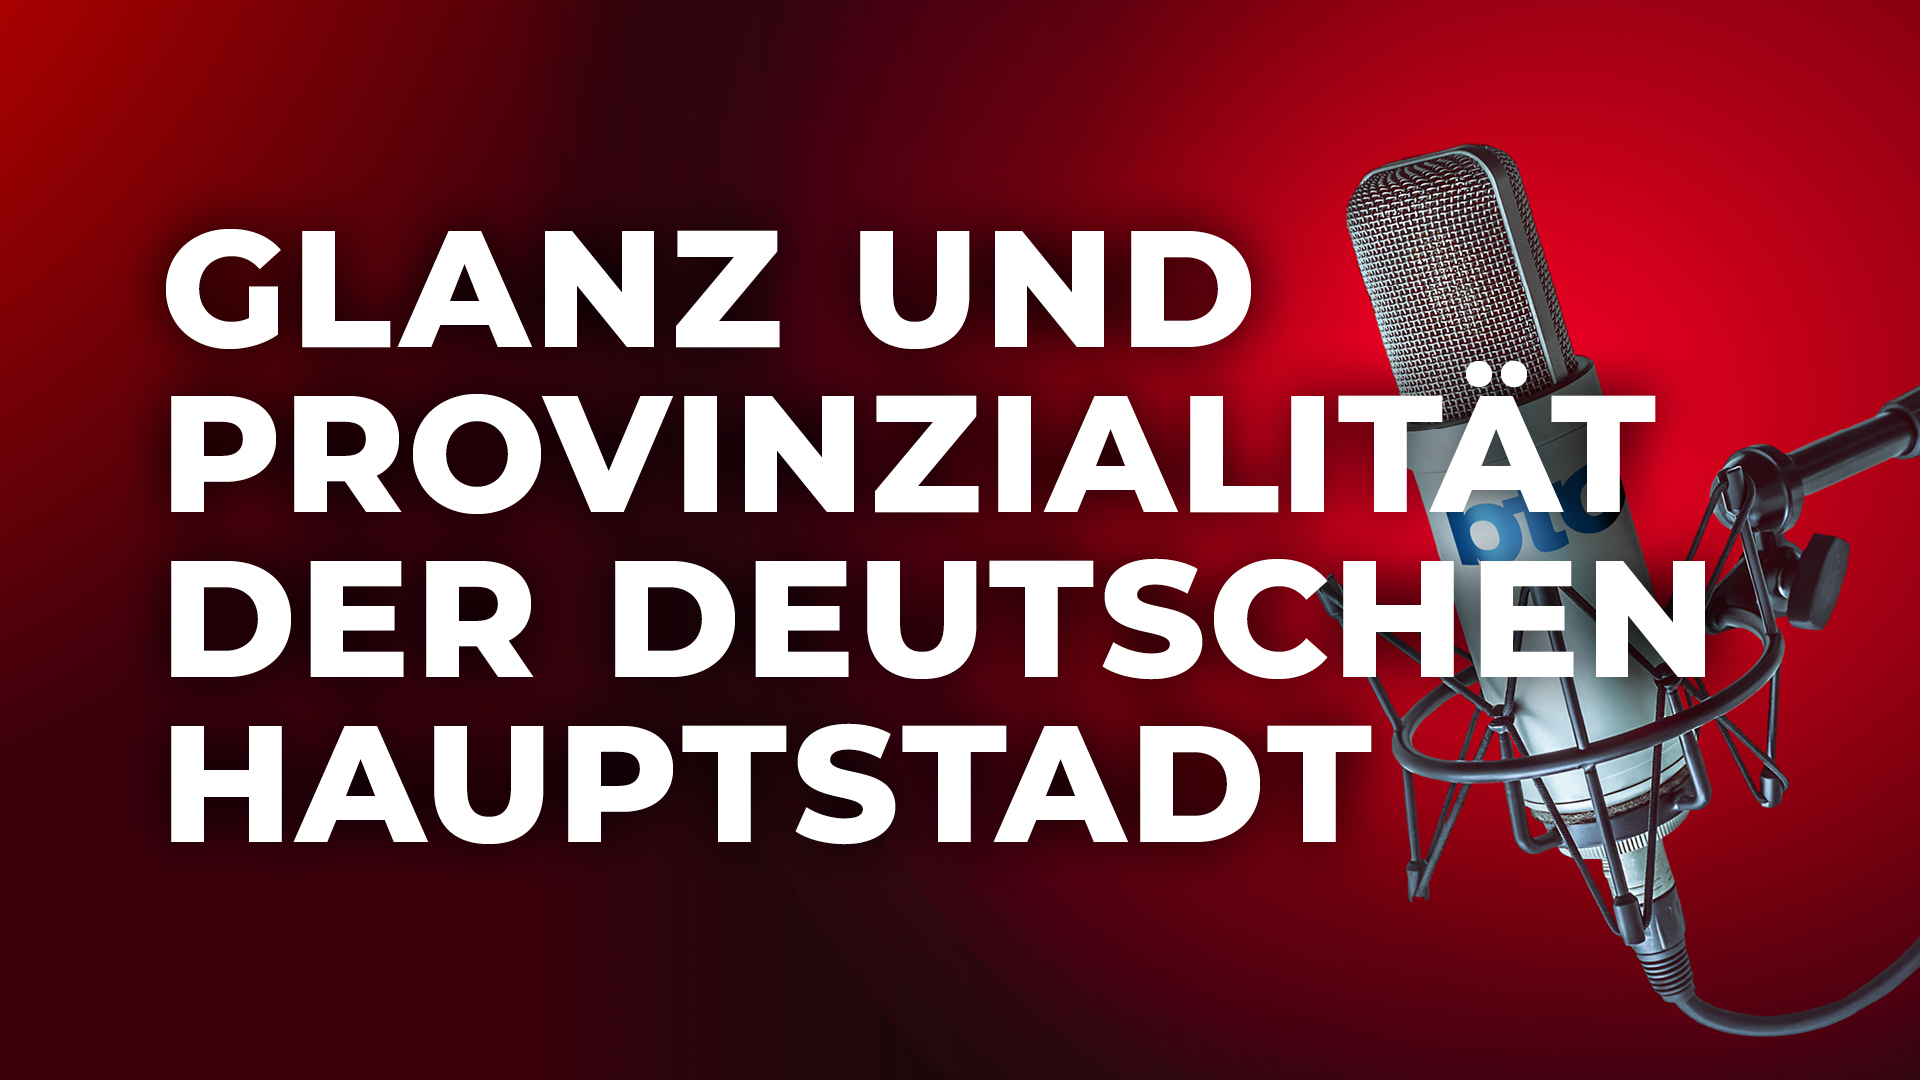 Glanz und Provinzialität der deutschen Hauptstadt